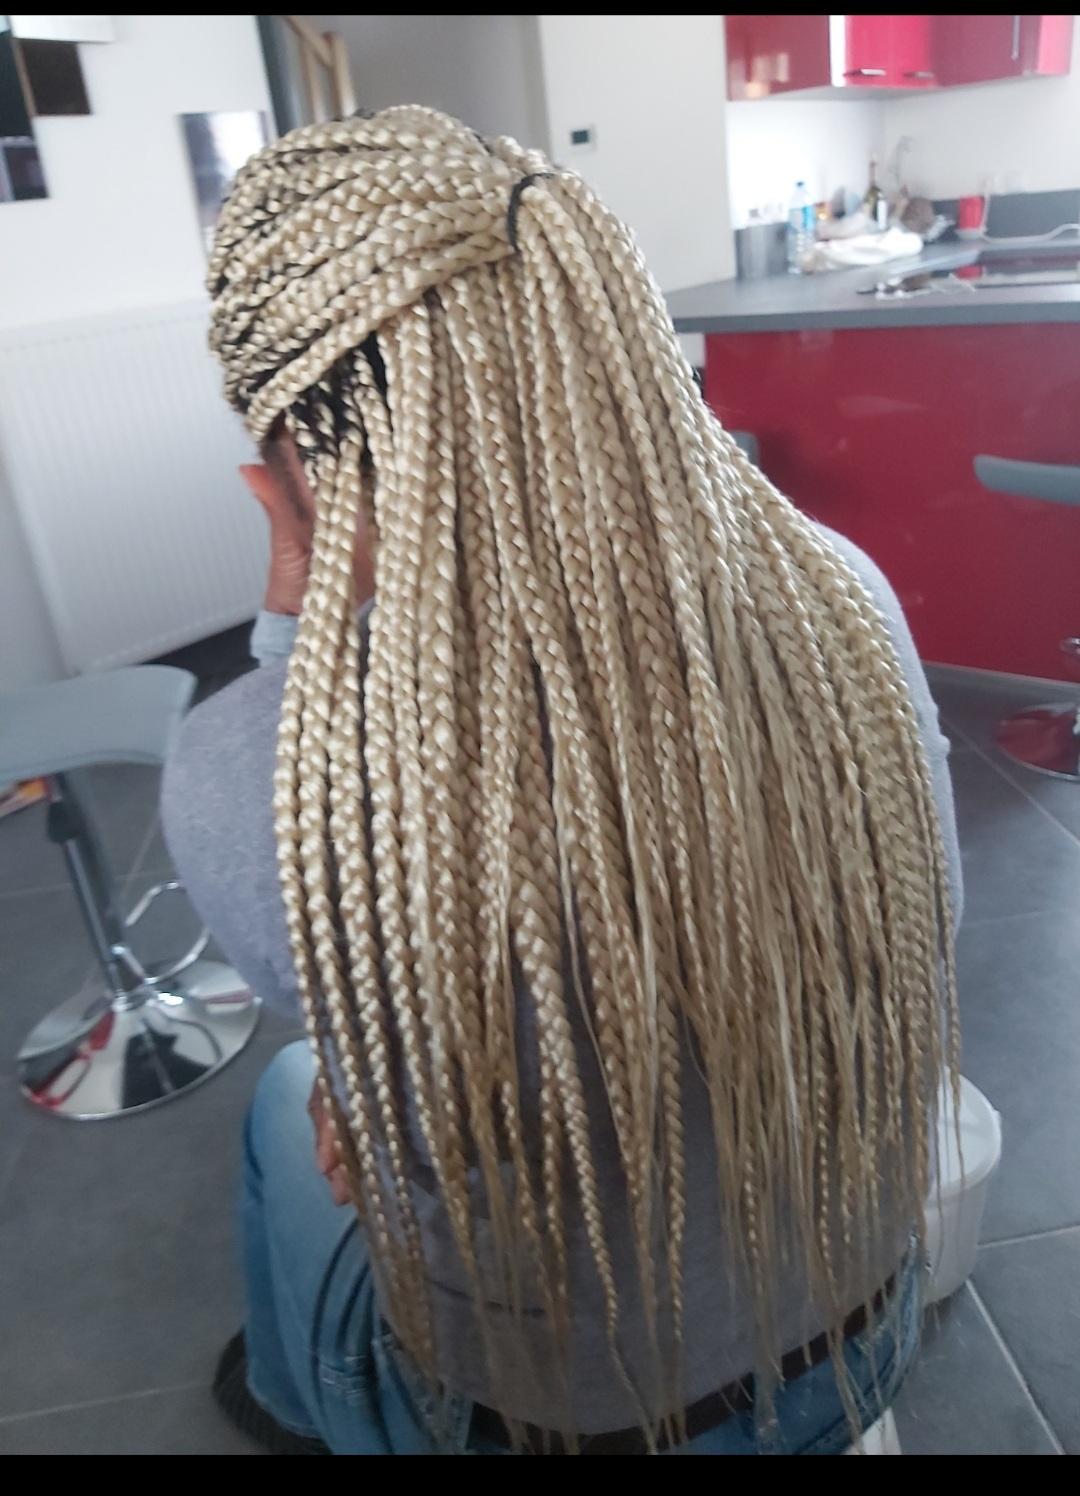 salon de coiffure afro tresse tresses box braids crochet braids vanilles tissages paris 75 77 78 91 92 93 94 95 VODQCDTS